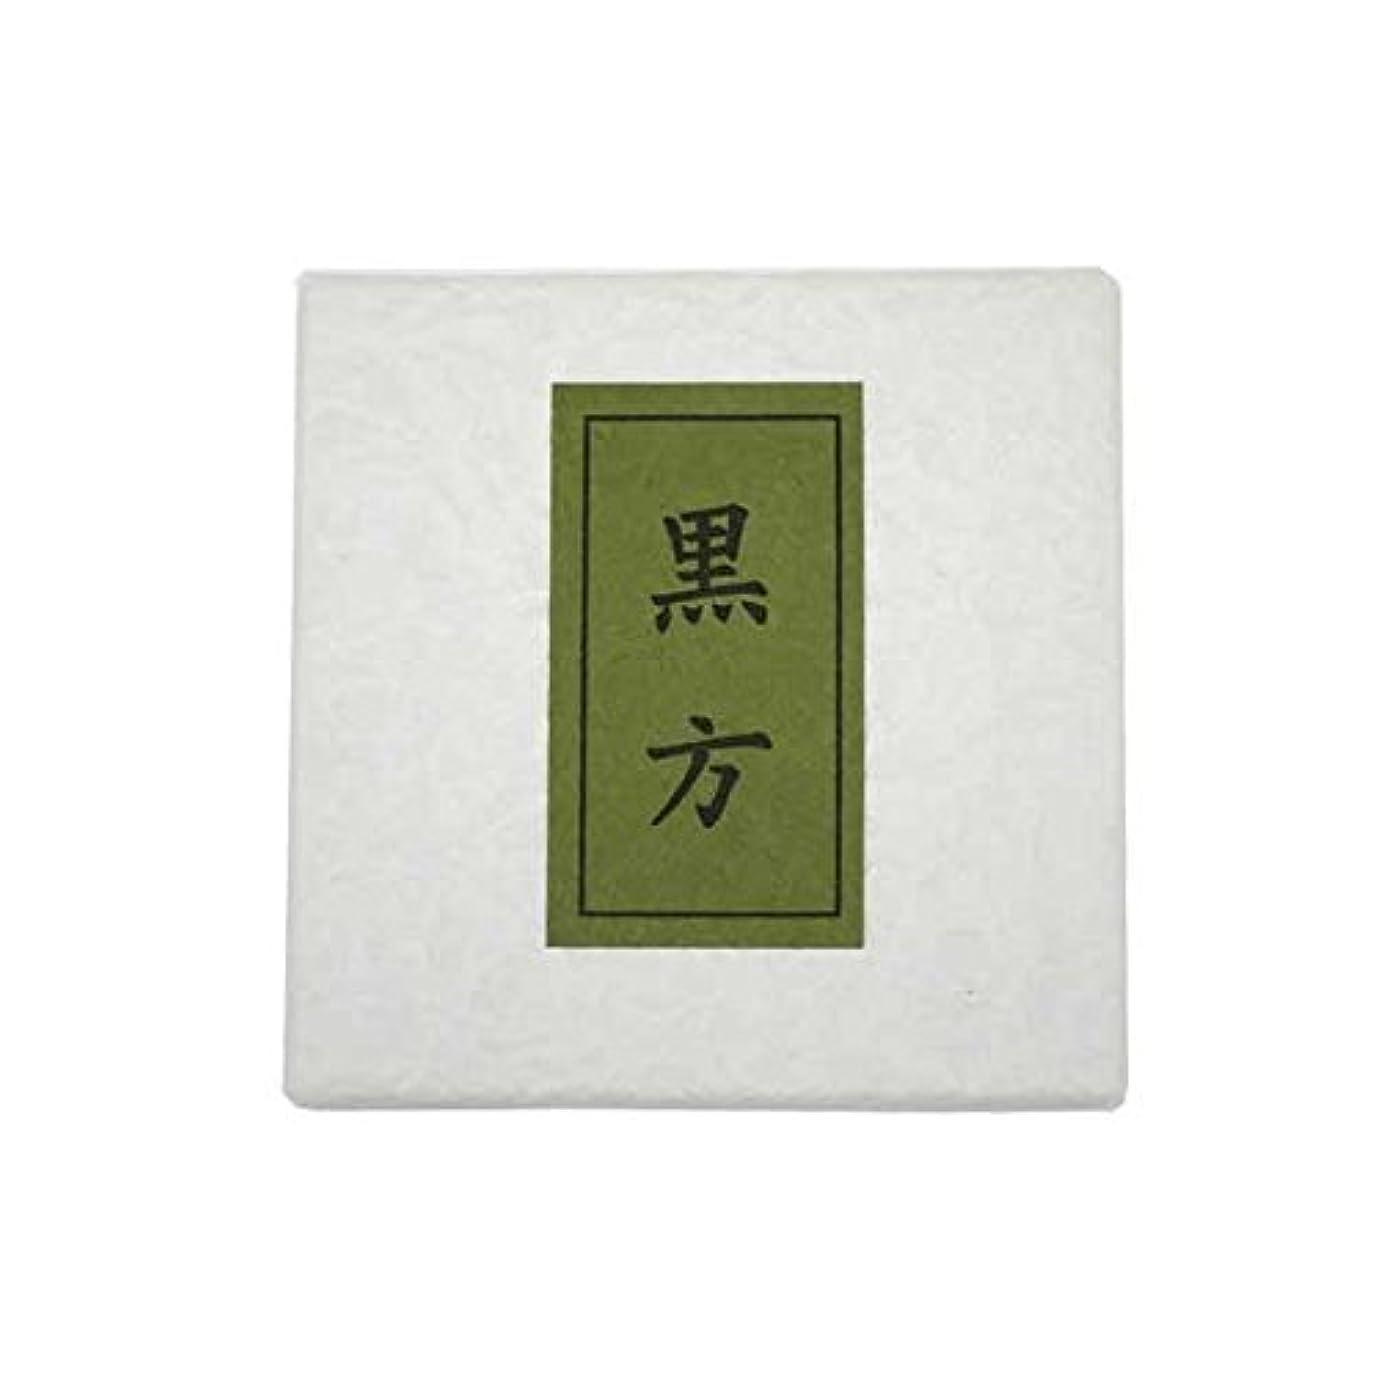 観察販売員ビタミン黒方 紙箱入(ビニール入)